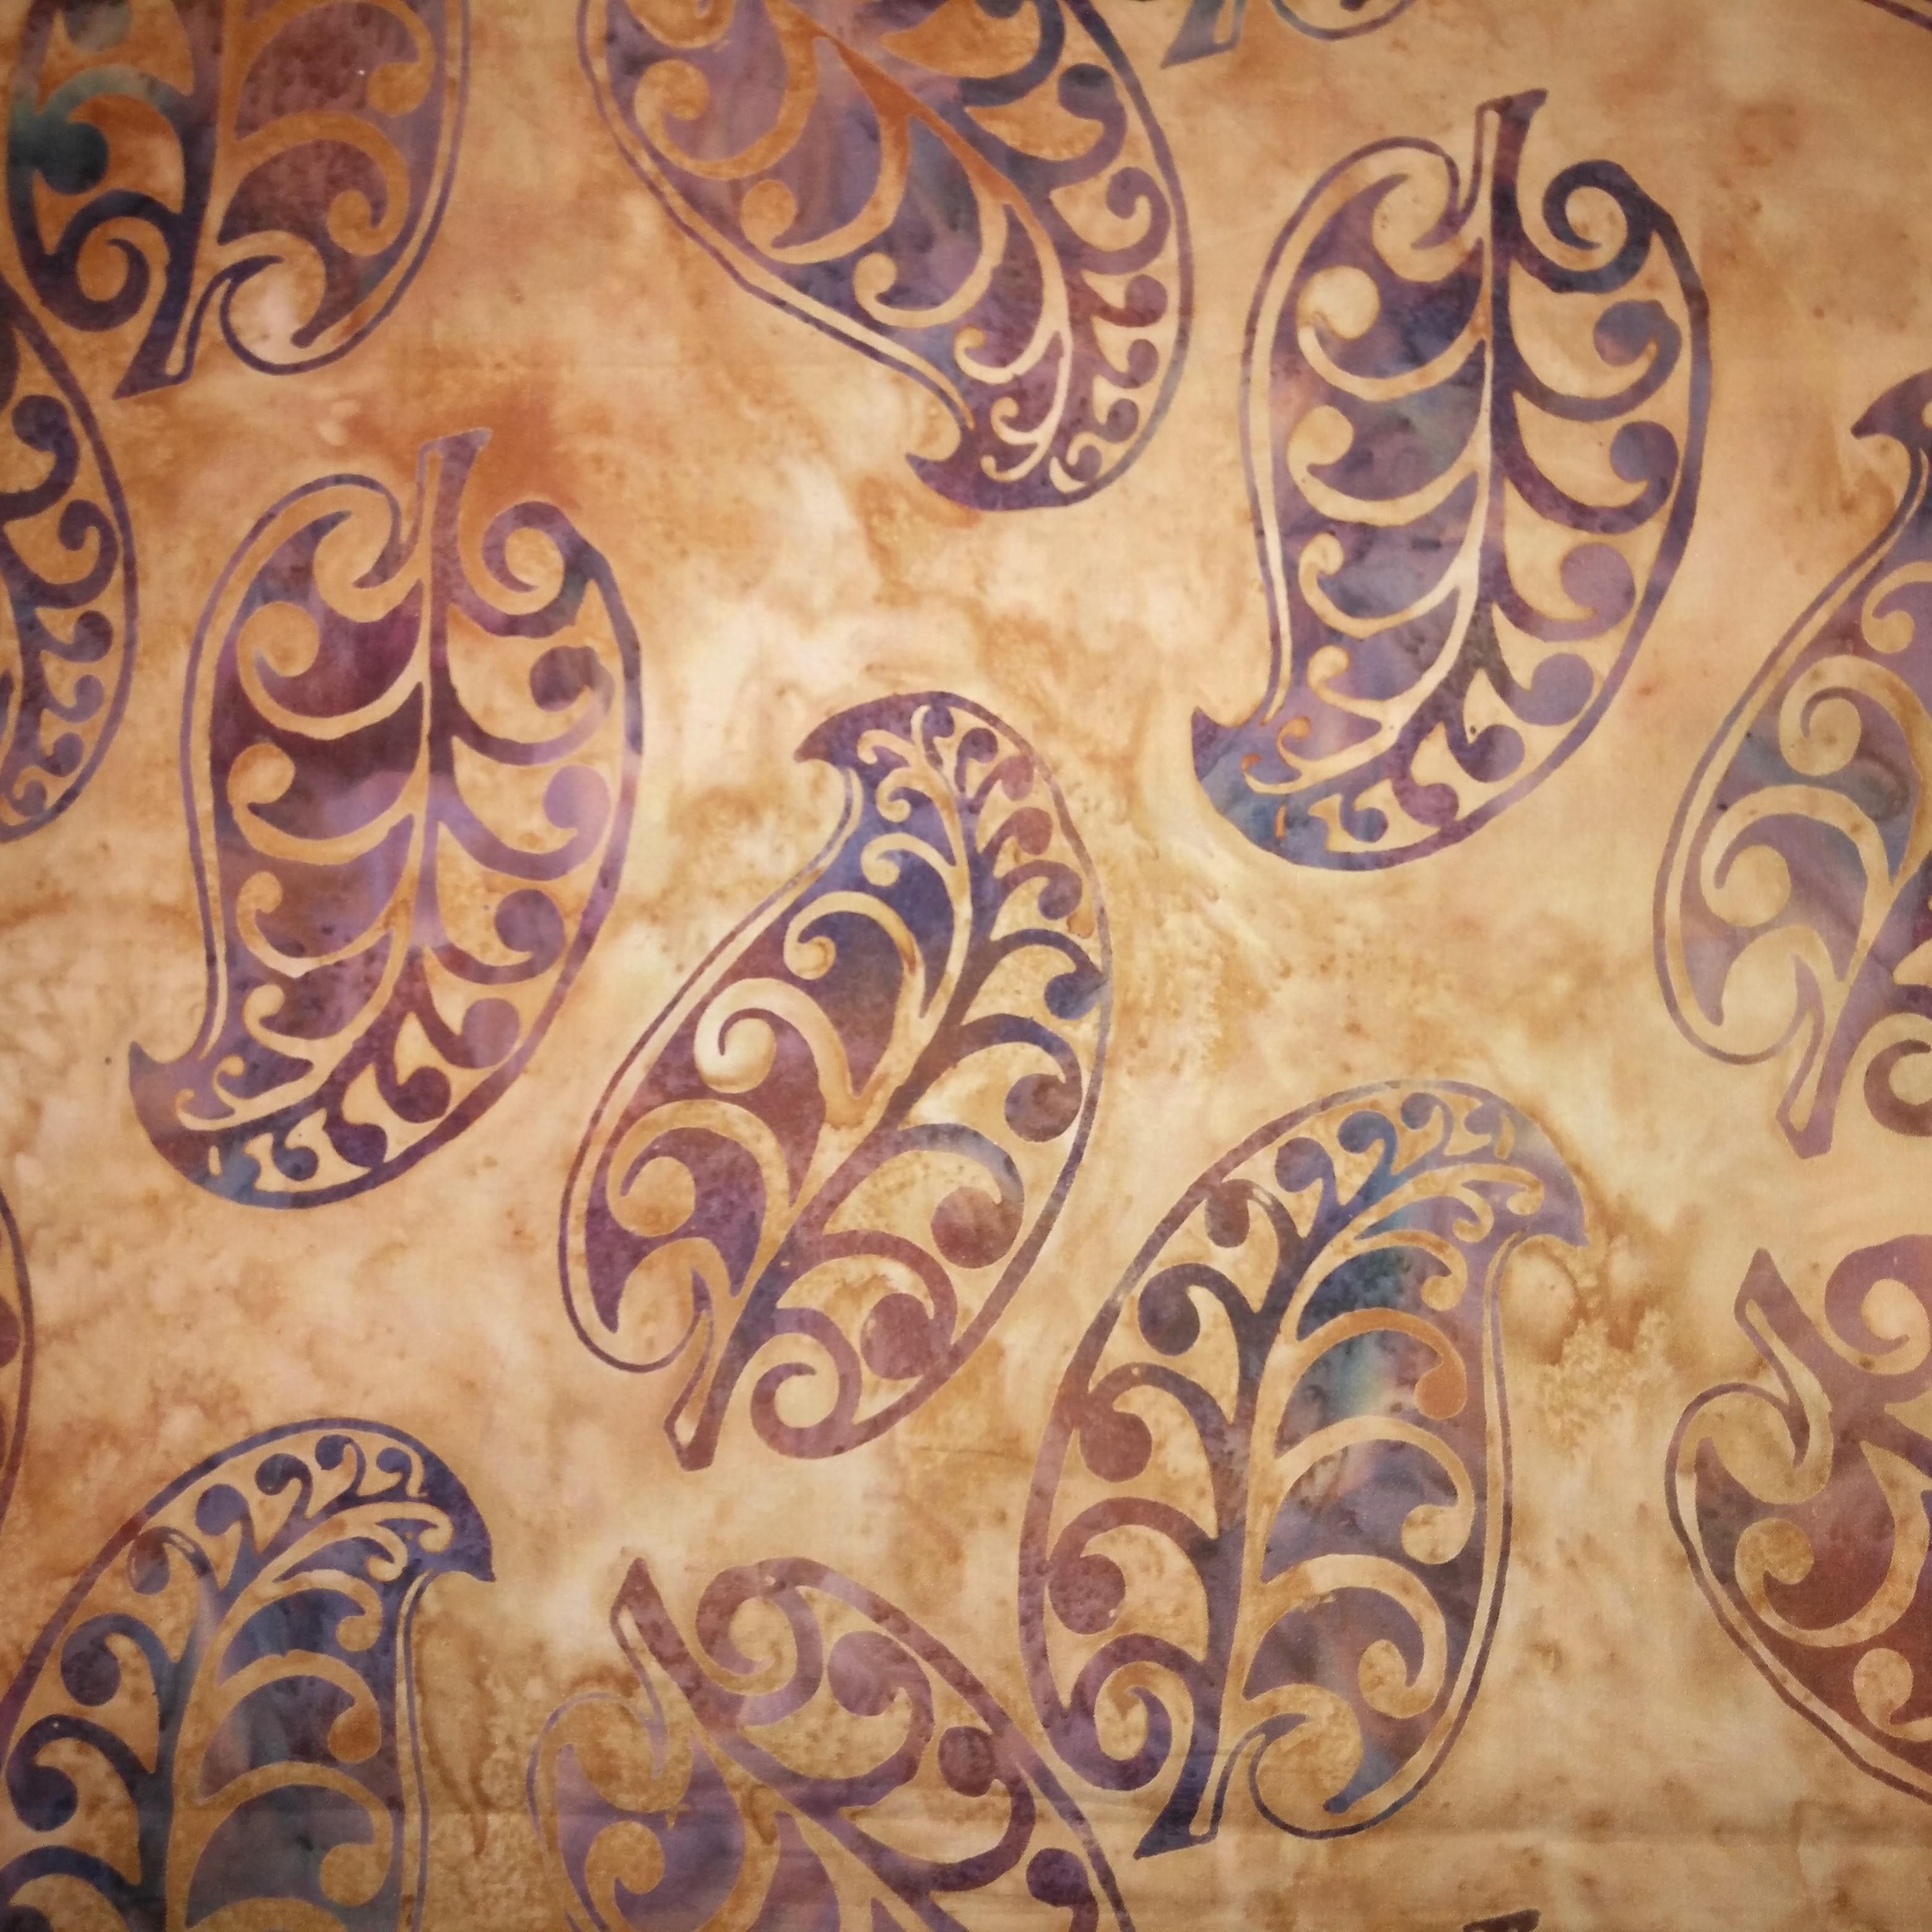 buy online 521a3 d8a6a Batik - Bali - New Zealand - Leaf - Amber - Fat Quarter